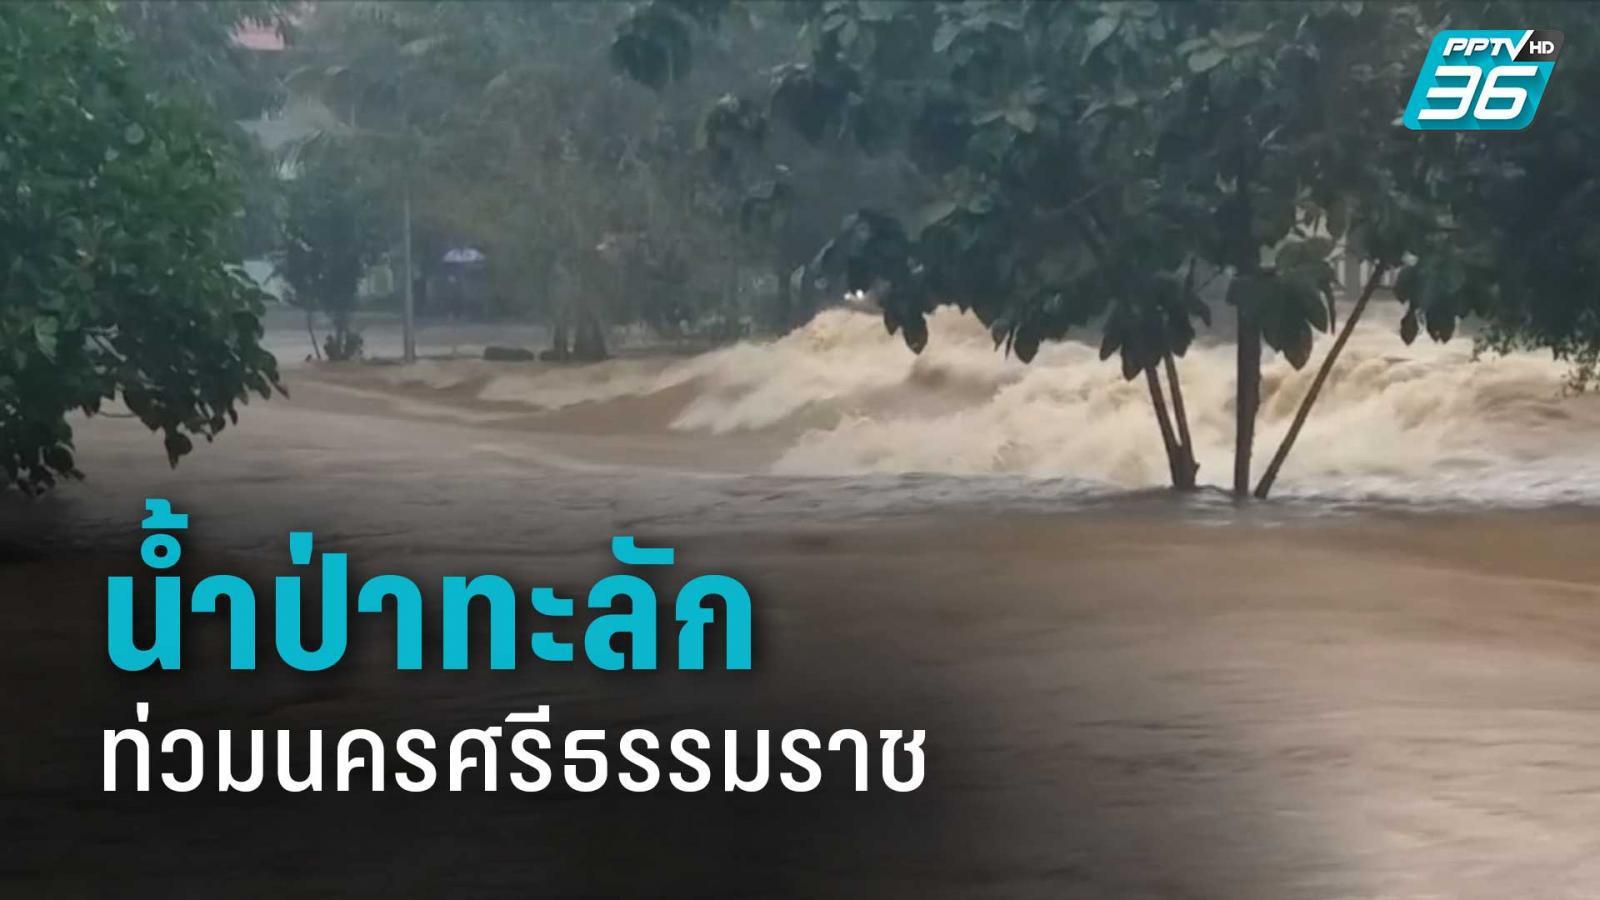 เมืองคอน อ่วม! น้ำป่าเทือกเขาหลวง ทะลักท่วมบ้านเรือน-ถนน เร่งอพยพชาวบ้าน